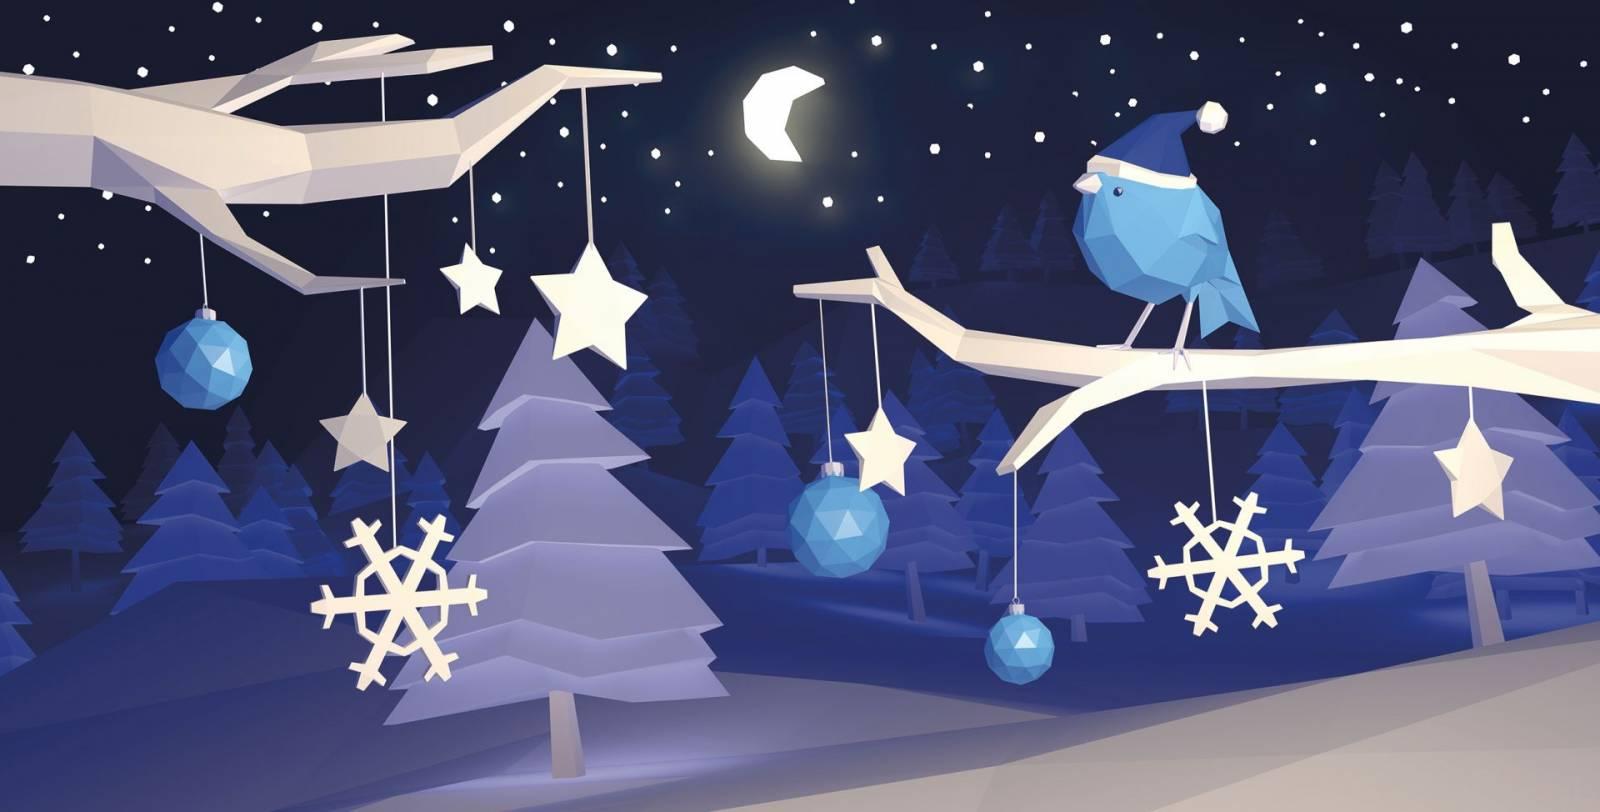 low Poly Weihnachtskarte Schneelandschaft